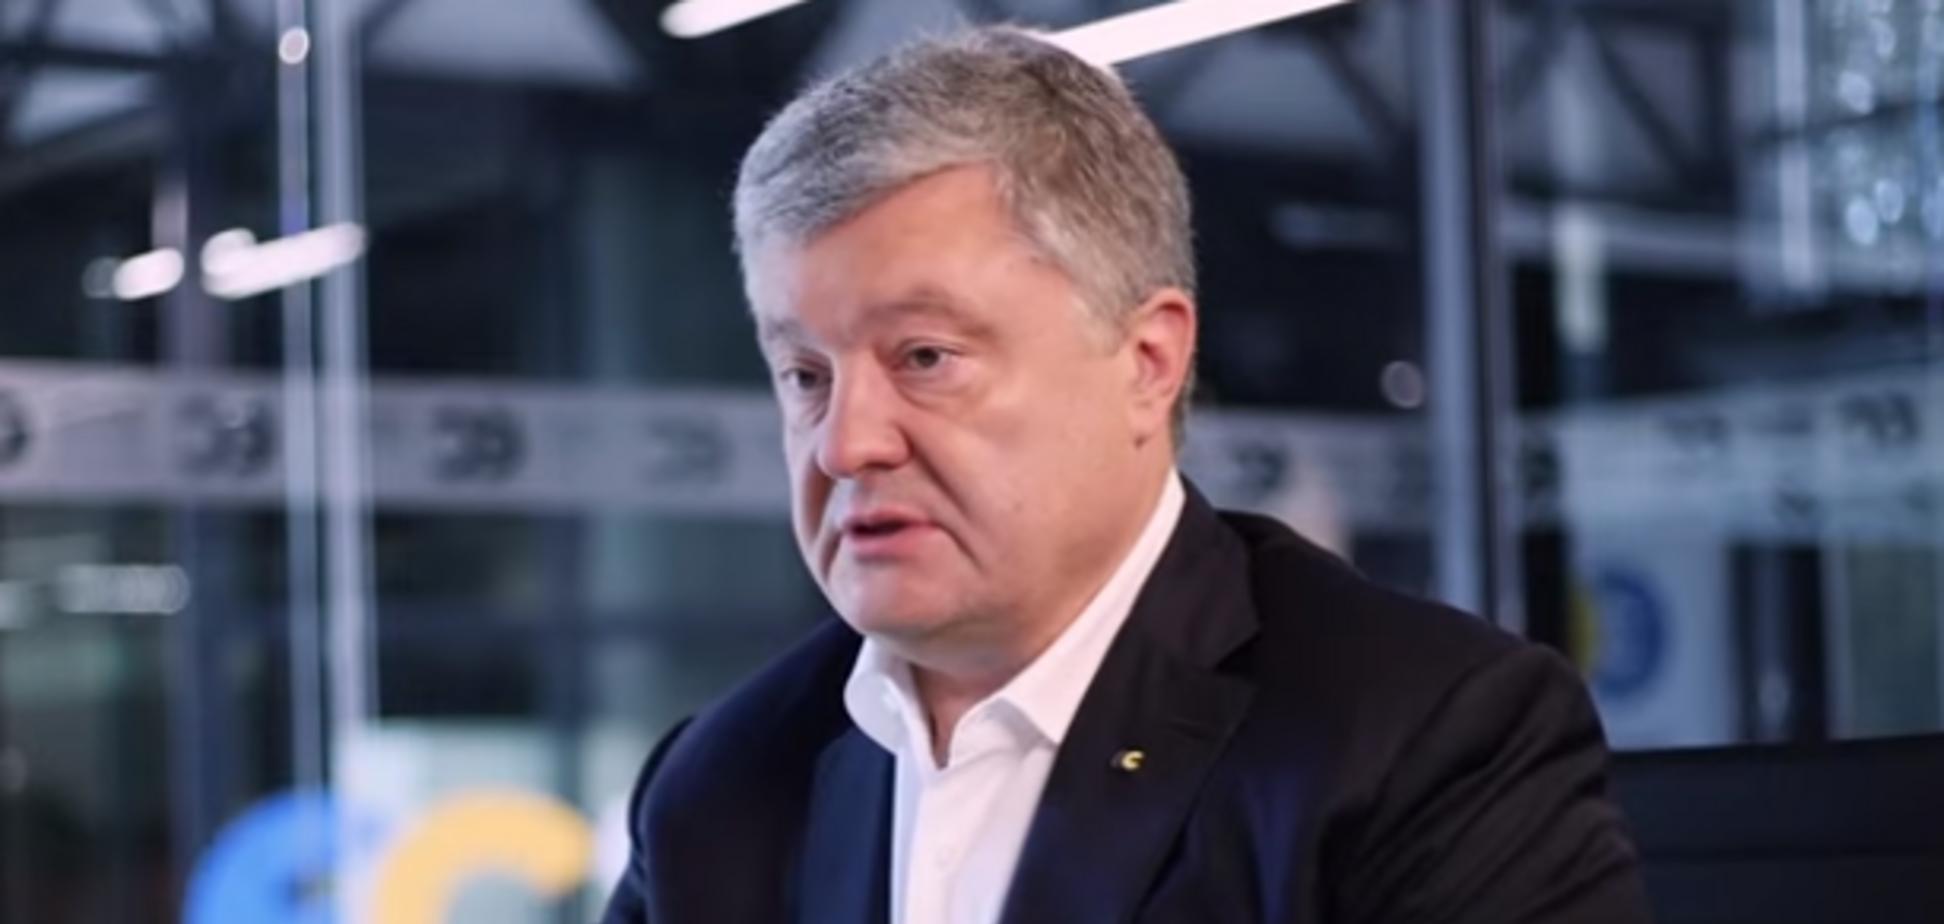 'Не Голобородько точно': Порошенко 'раскусил' связь Зеленского с воздушными шариками Шария